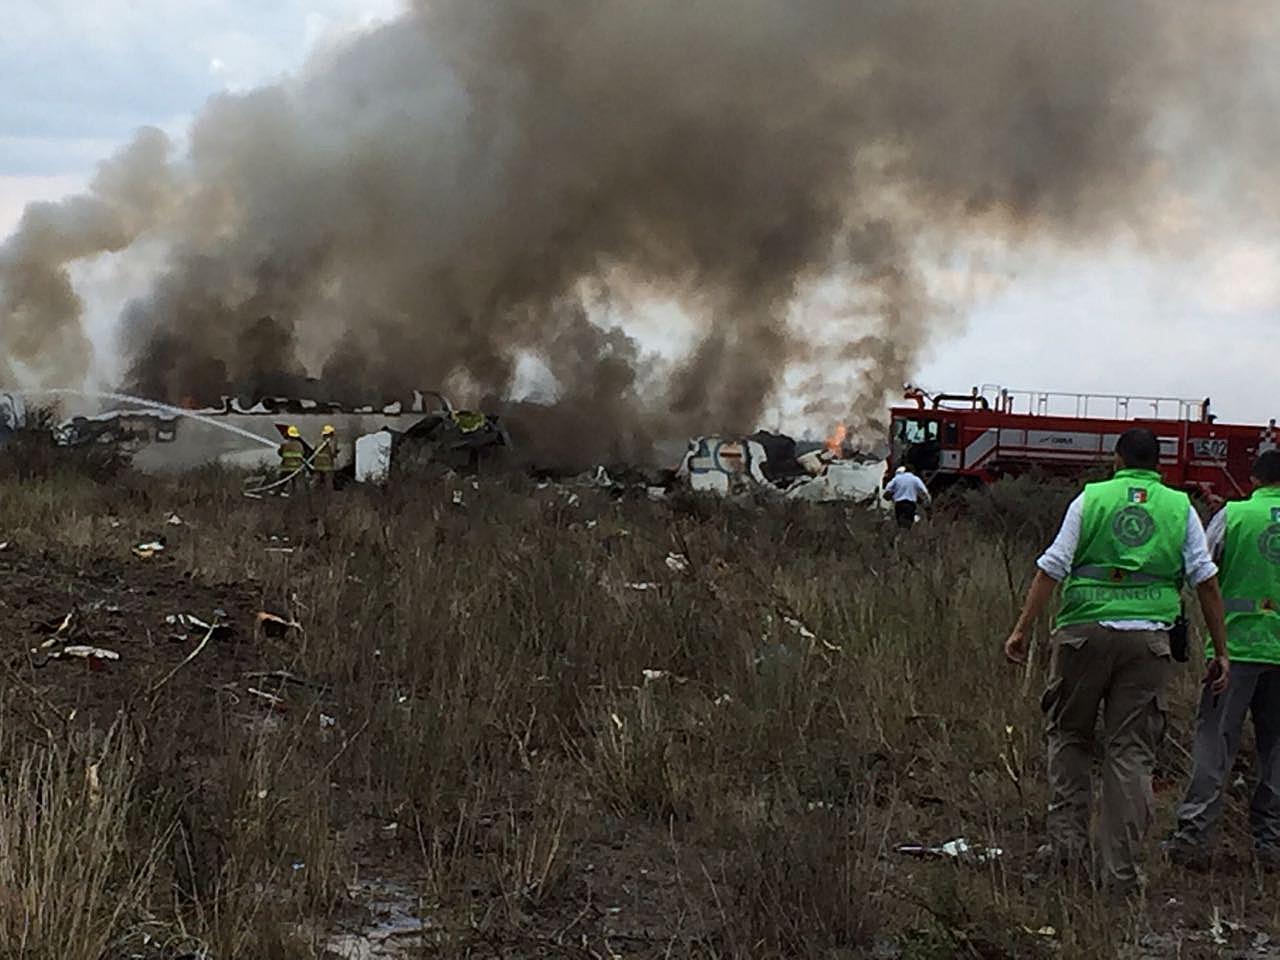 Messico: cade aereo con 100 a bordo, nessun morto